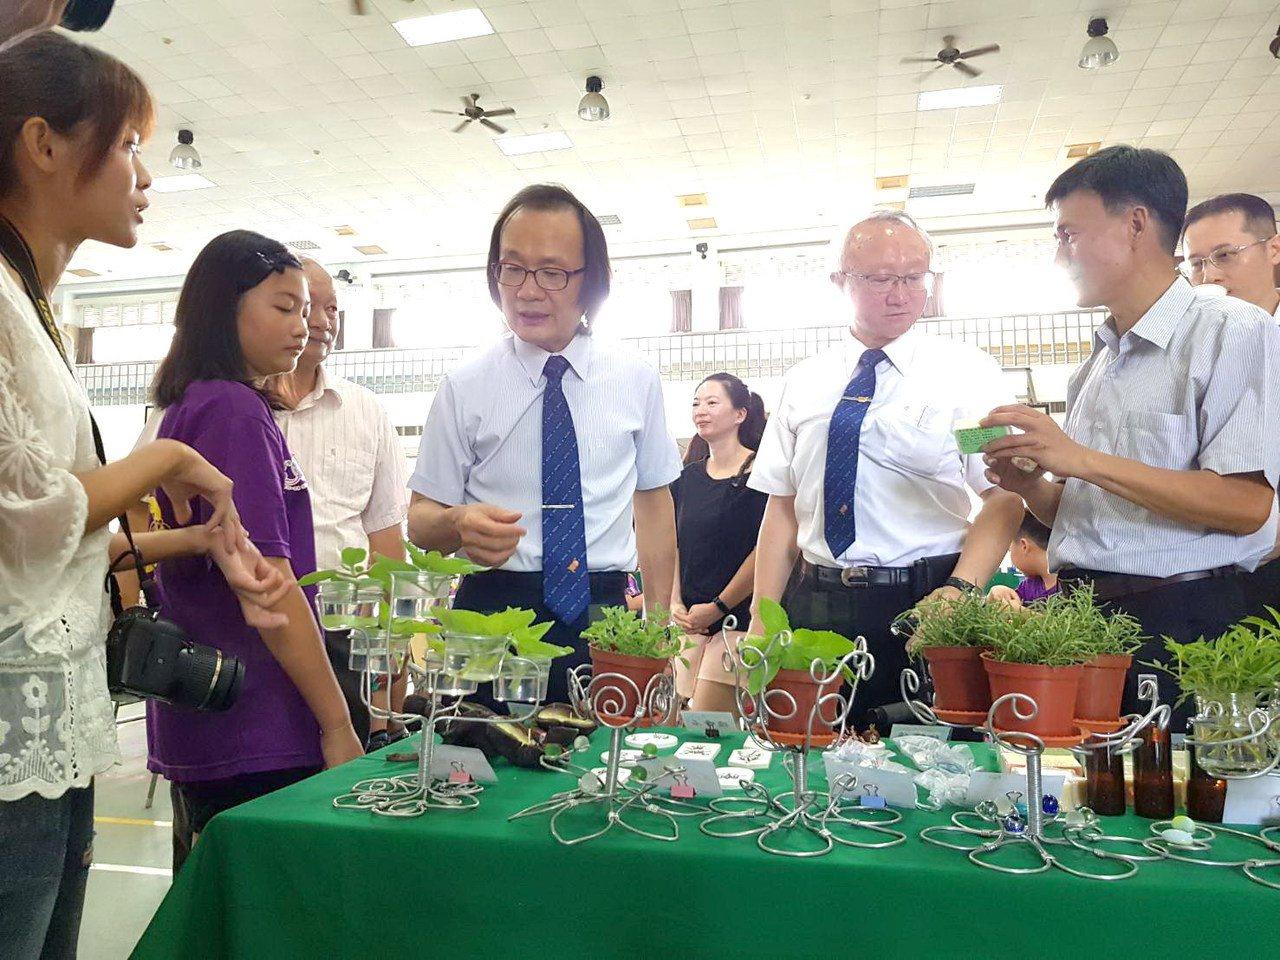 山海希望工程計畫今天發布成果發表,包括栽種香草等高經濟價值作物。照/嘉義大學提供